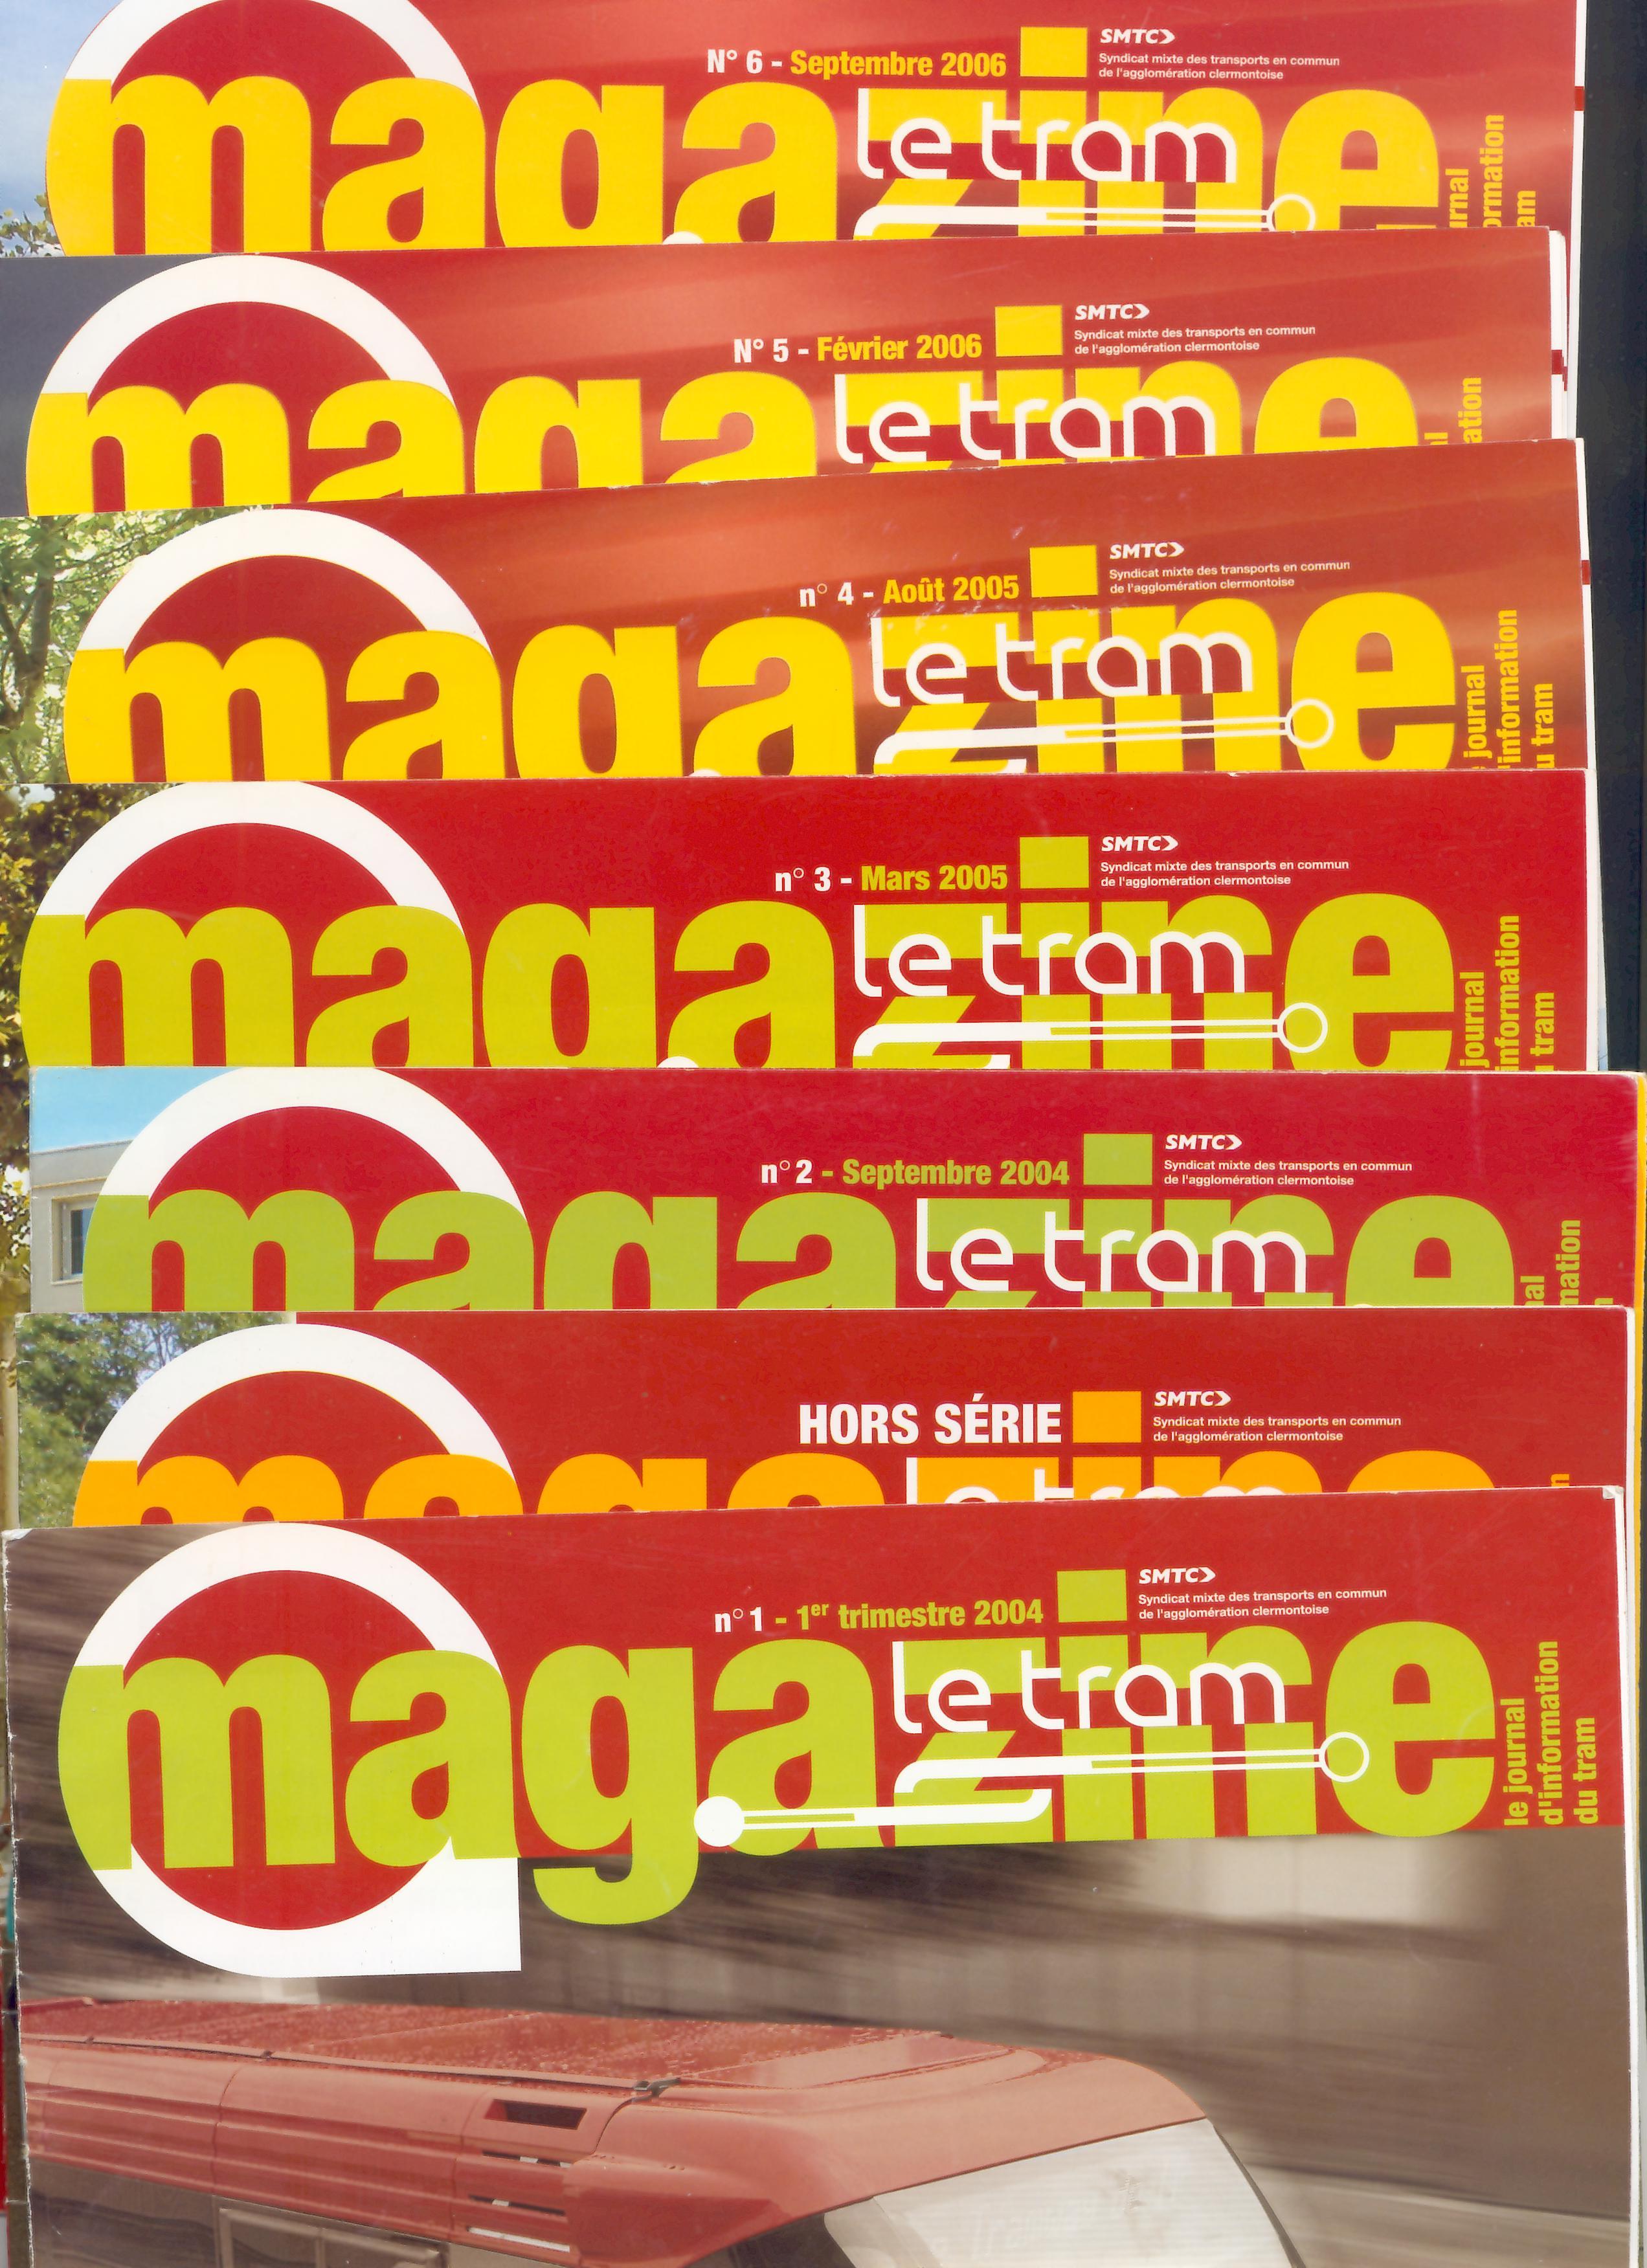 magtram12.jpg